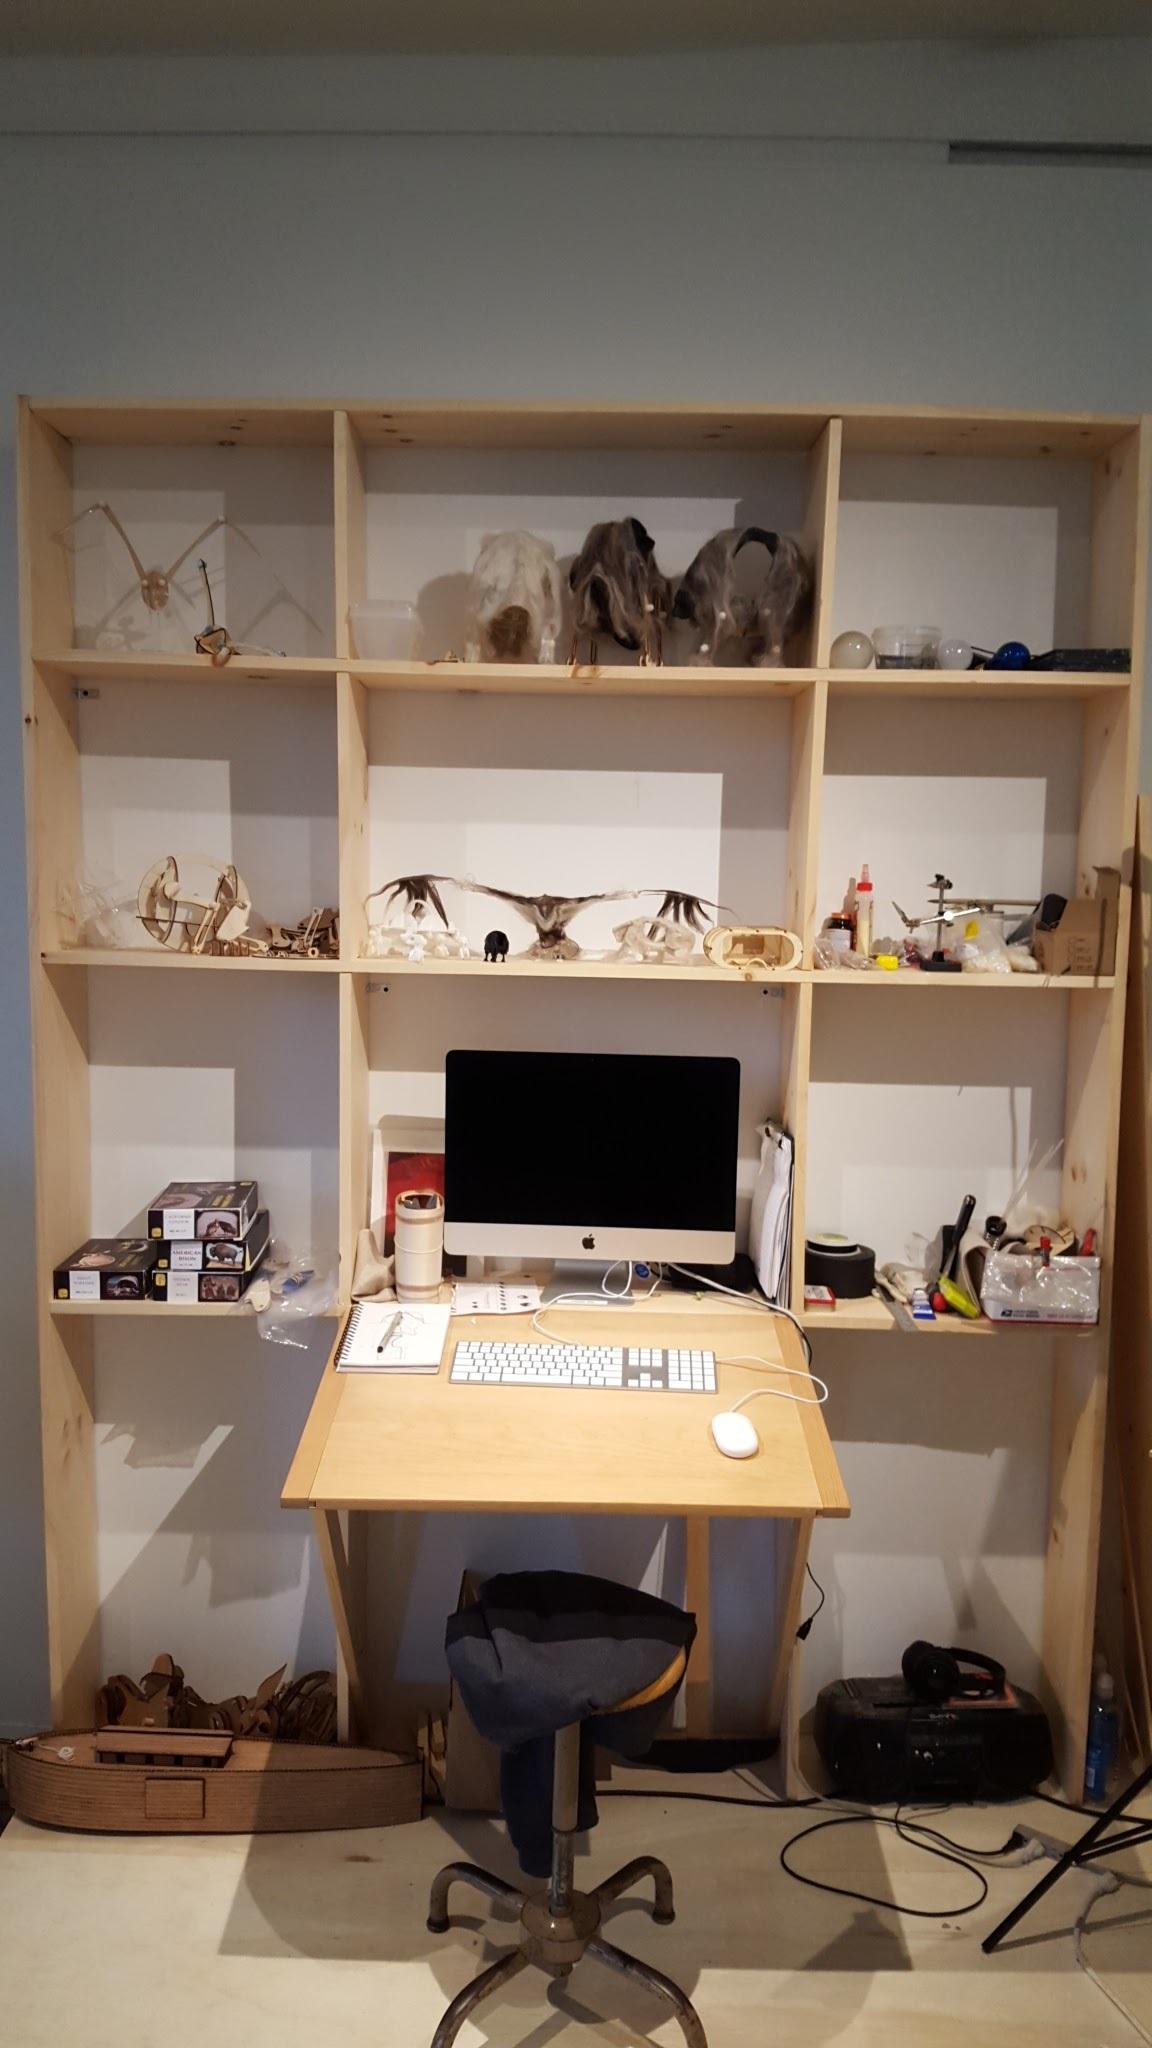 Galleon workspace